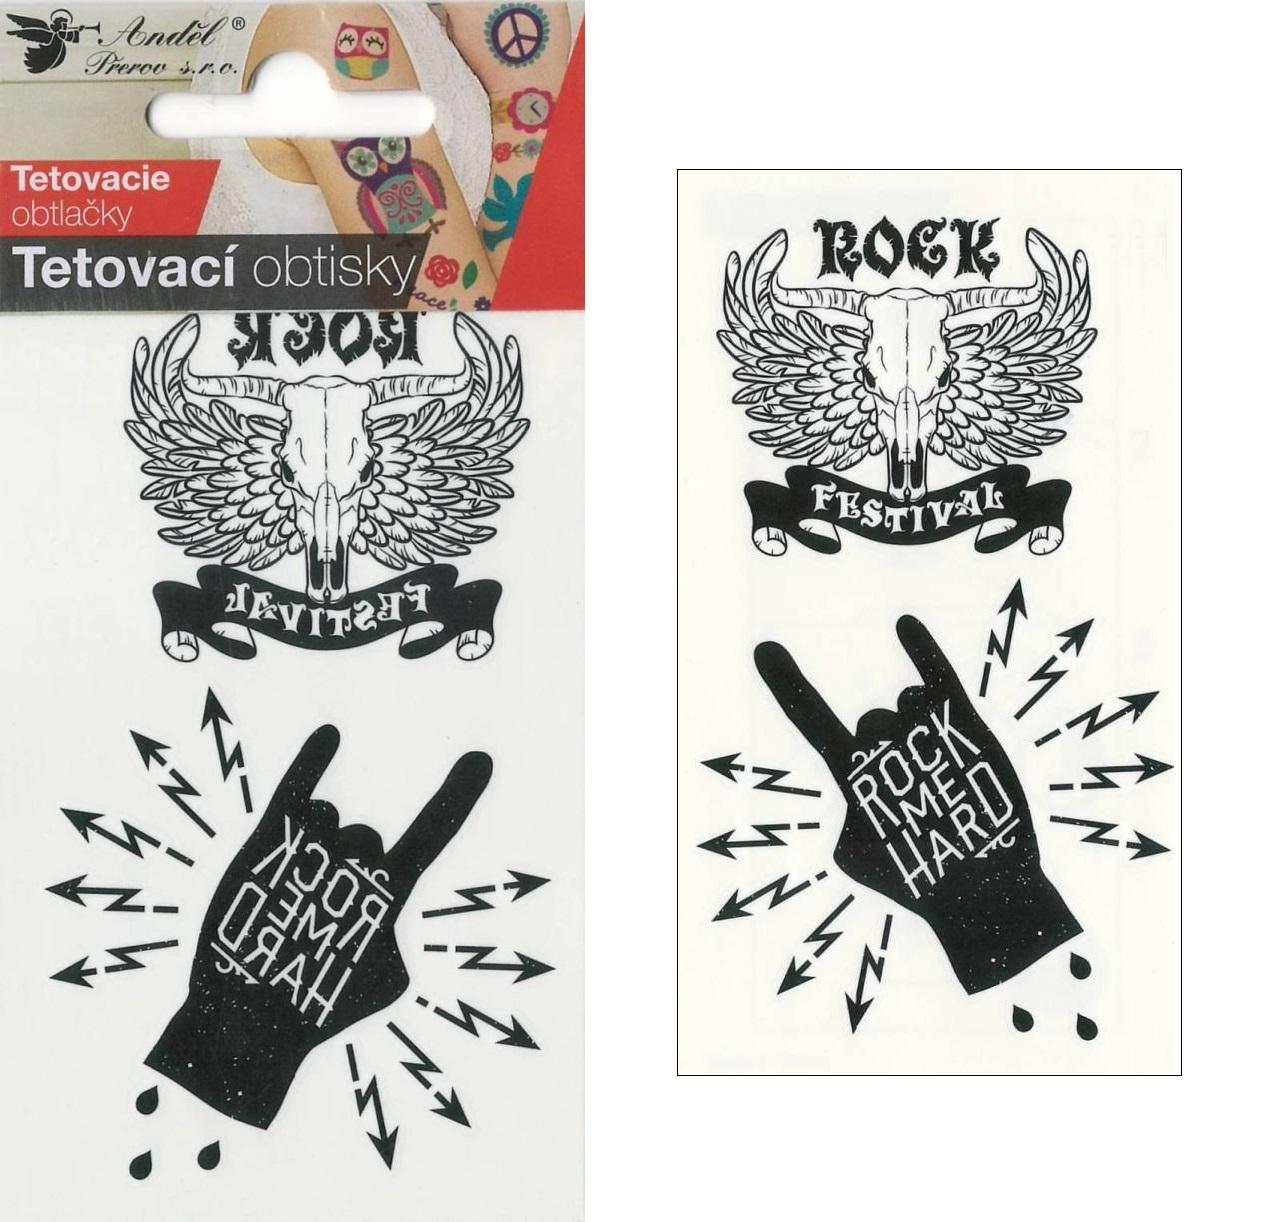 Obtisky tetovací 10,5x6 cm- Rock